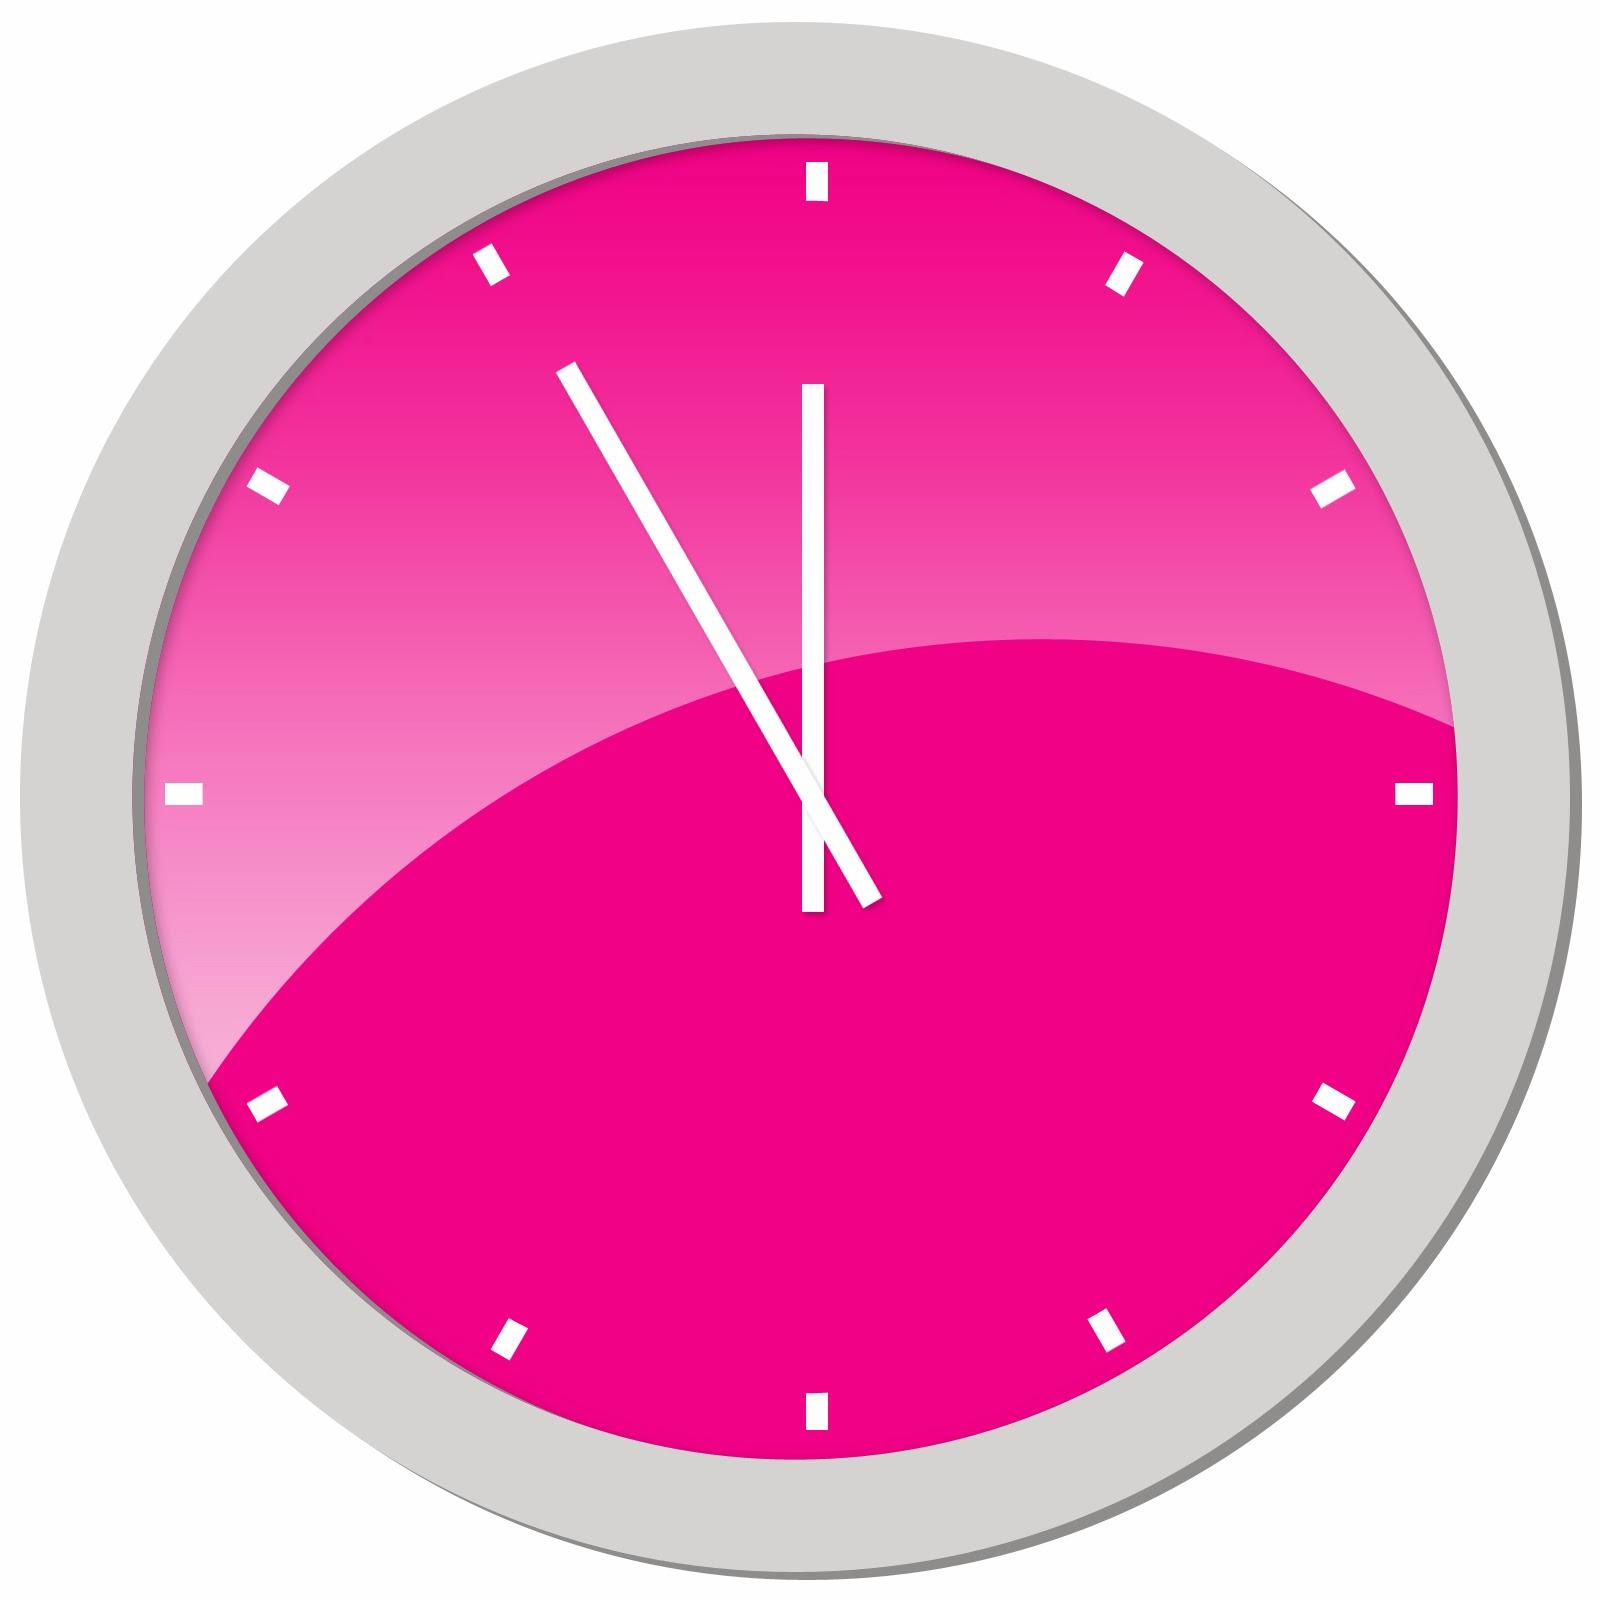 solo 1 minuto